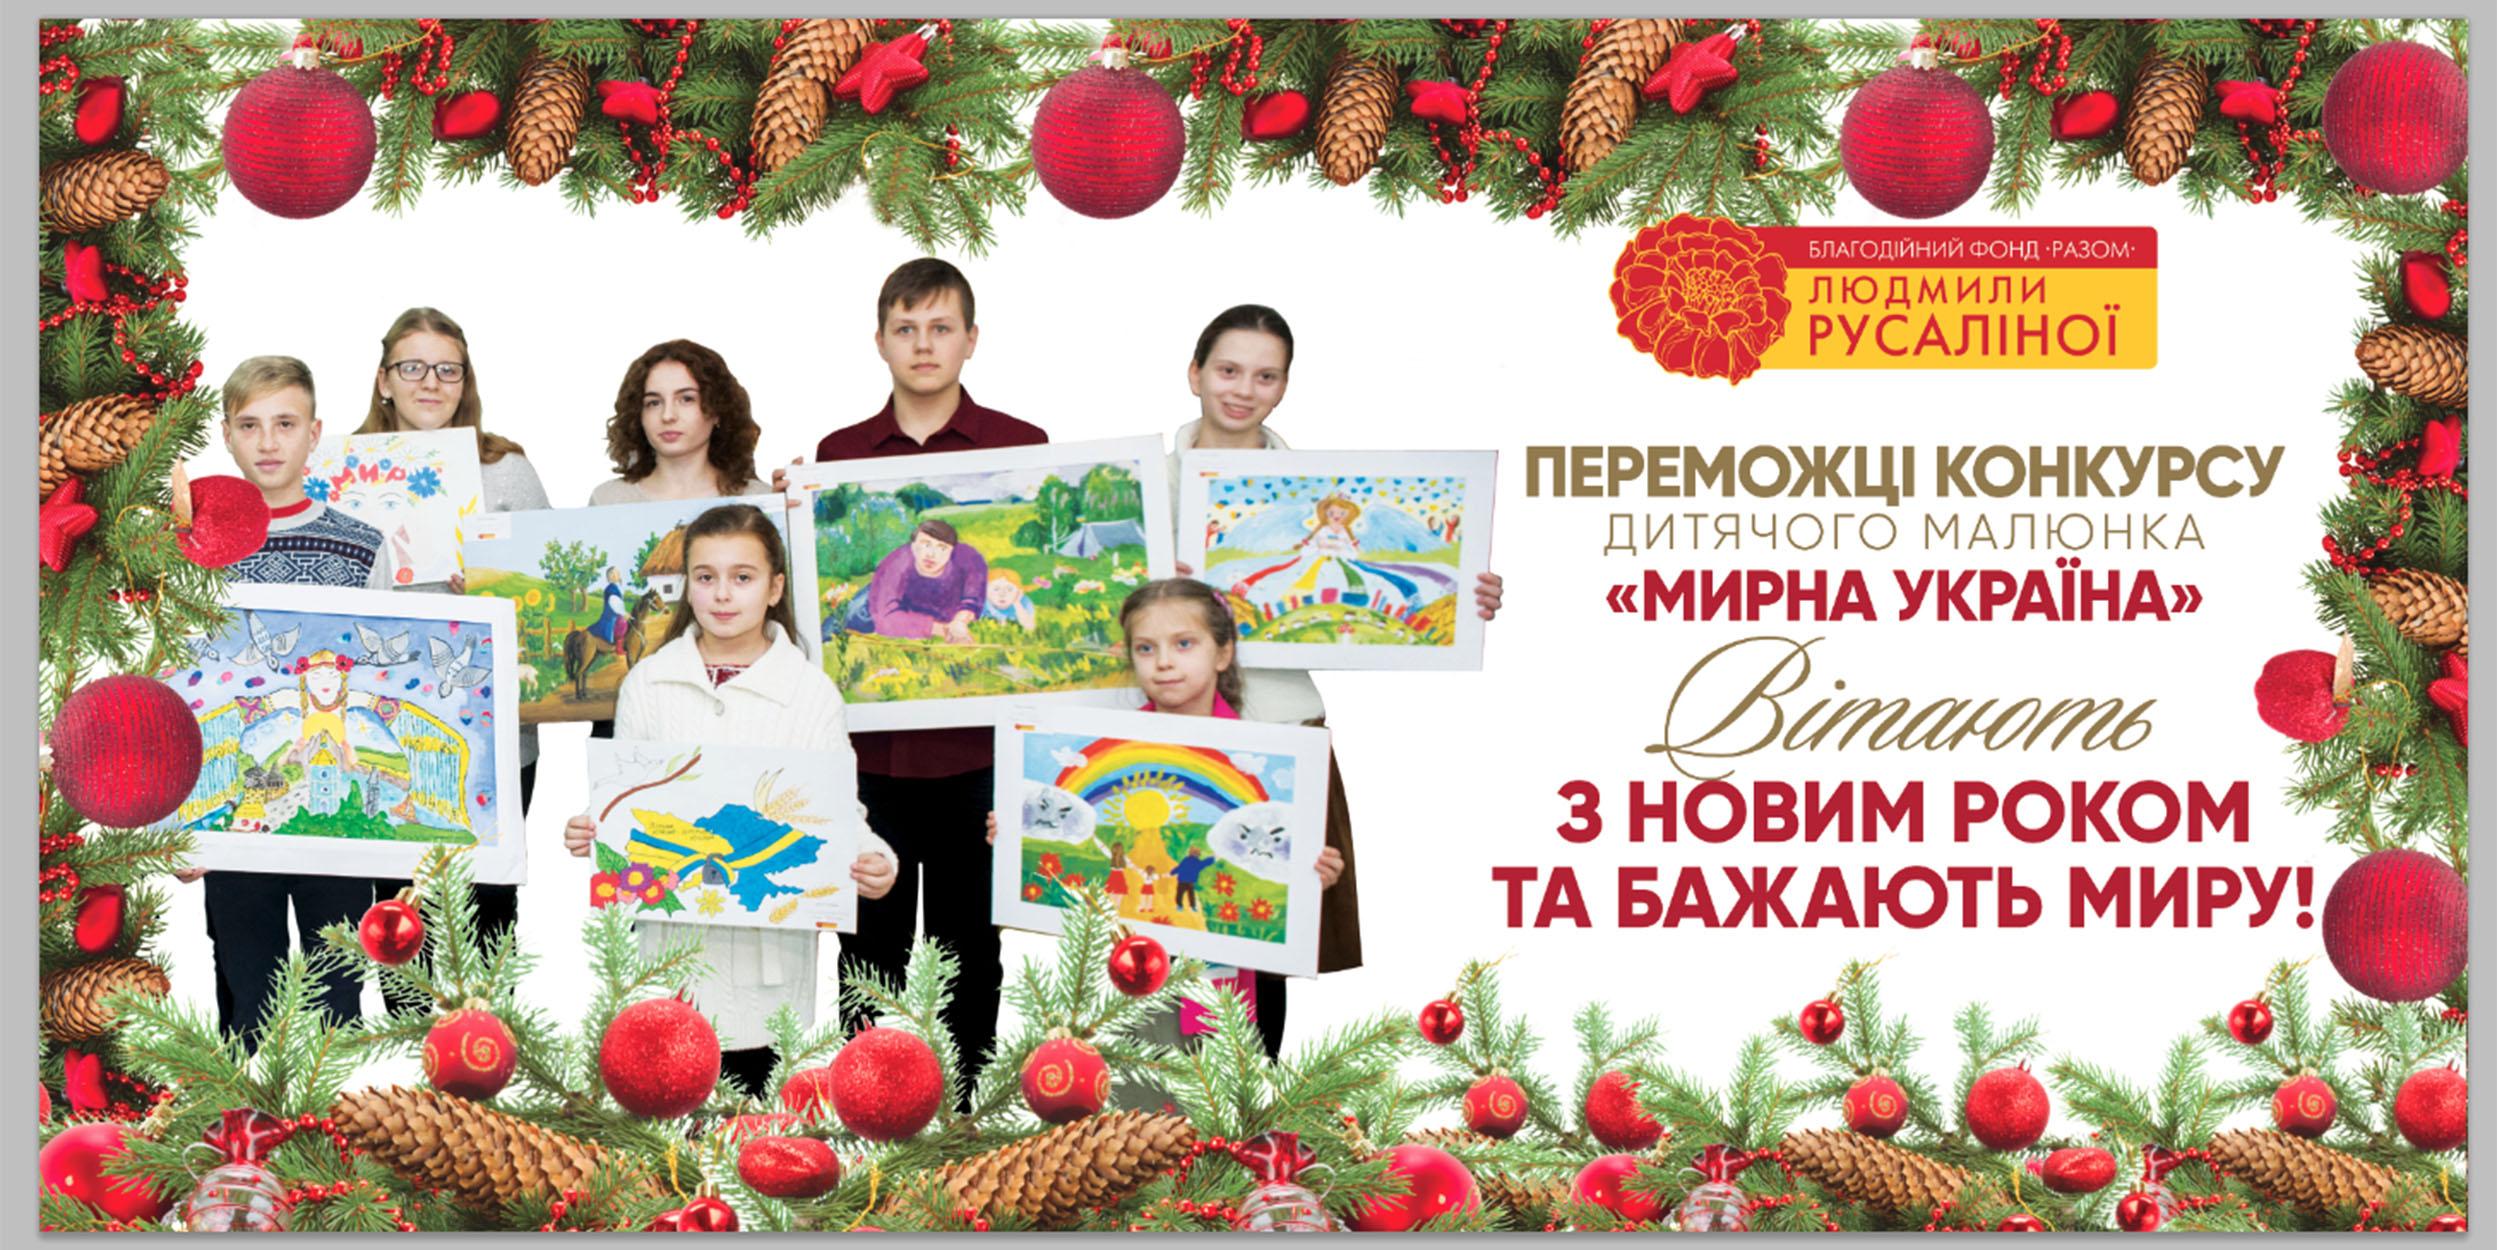 Конкурс дитячого малюнка «Мирна Україна»